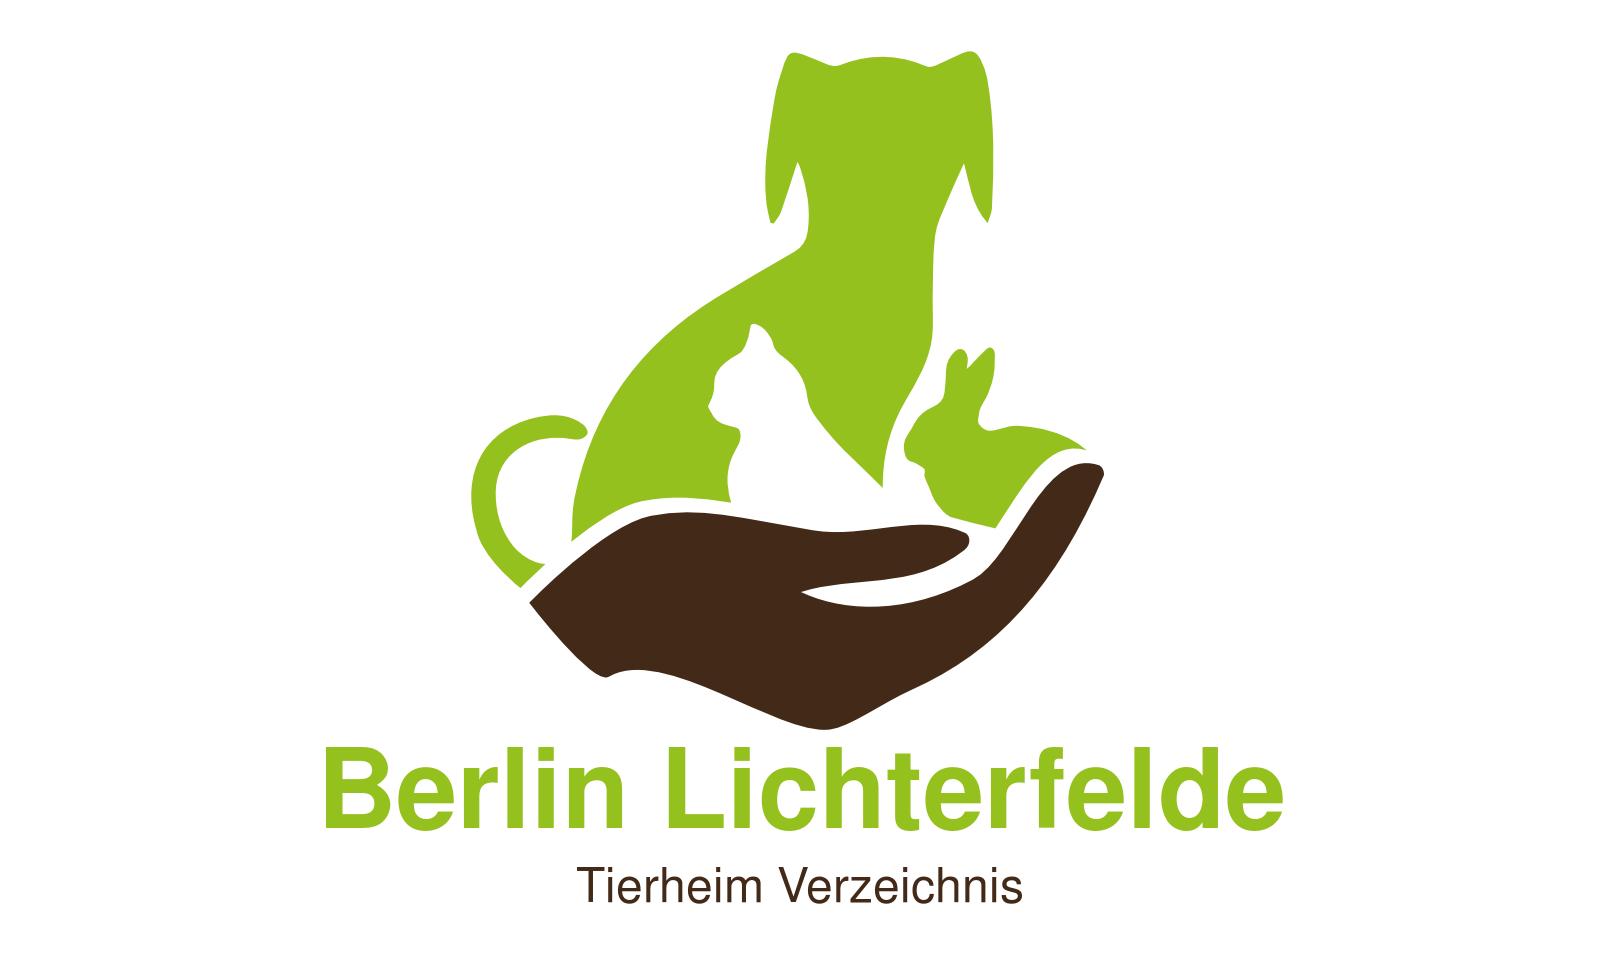 Tierheim Berlin Lichterfelde